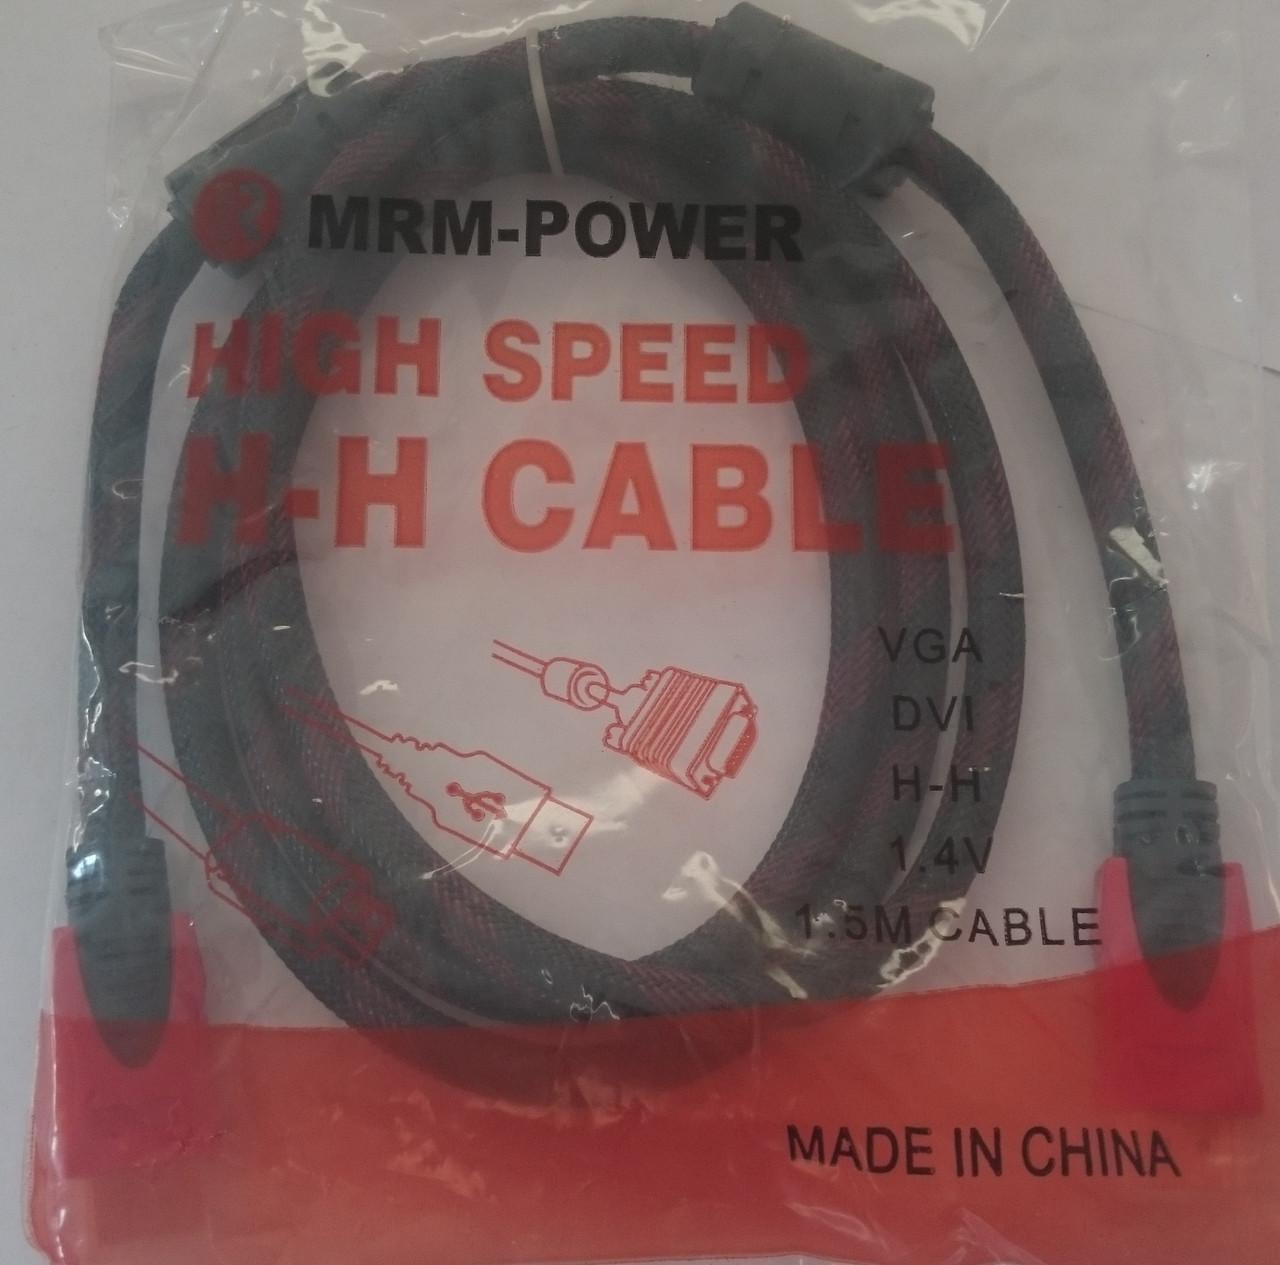 Шнур штекер HDMI- штекер HDMI 1,5м MRM gold с фильтром